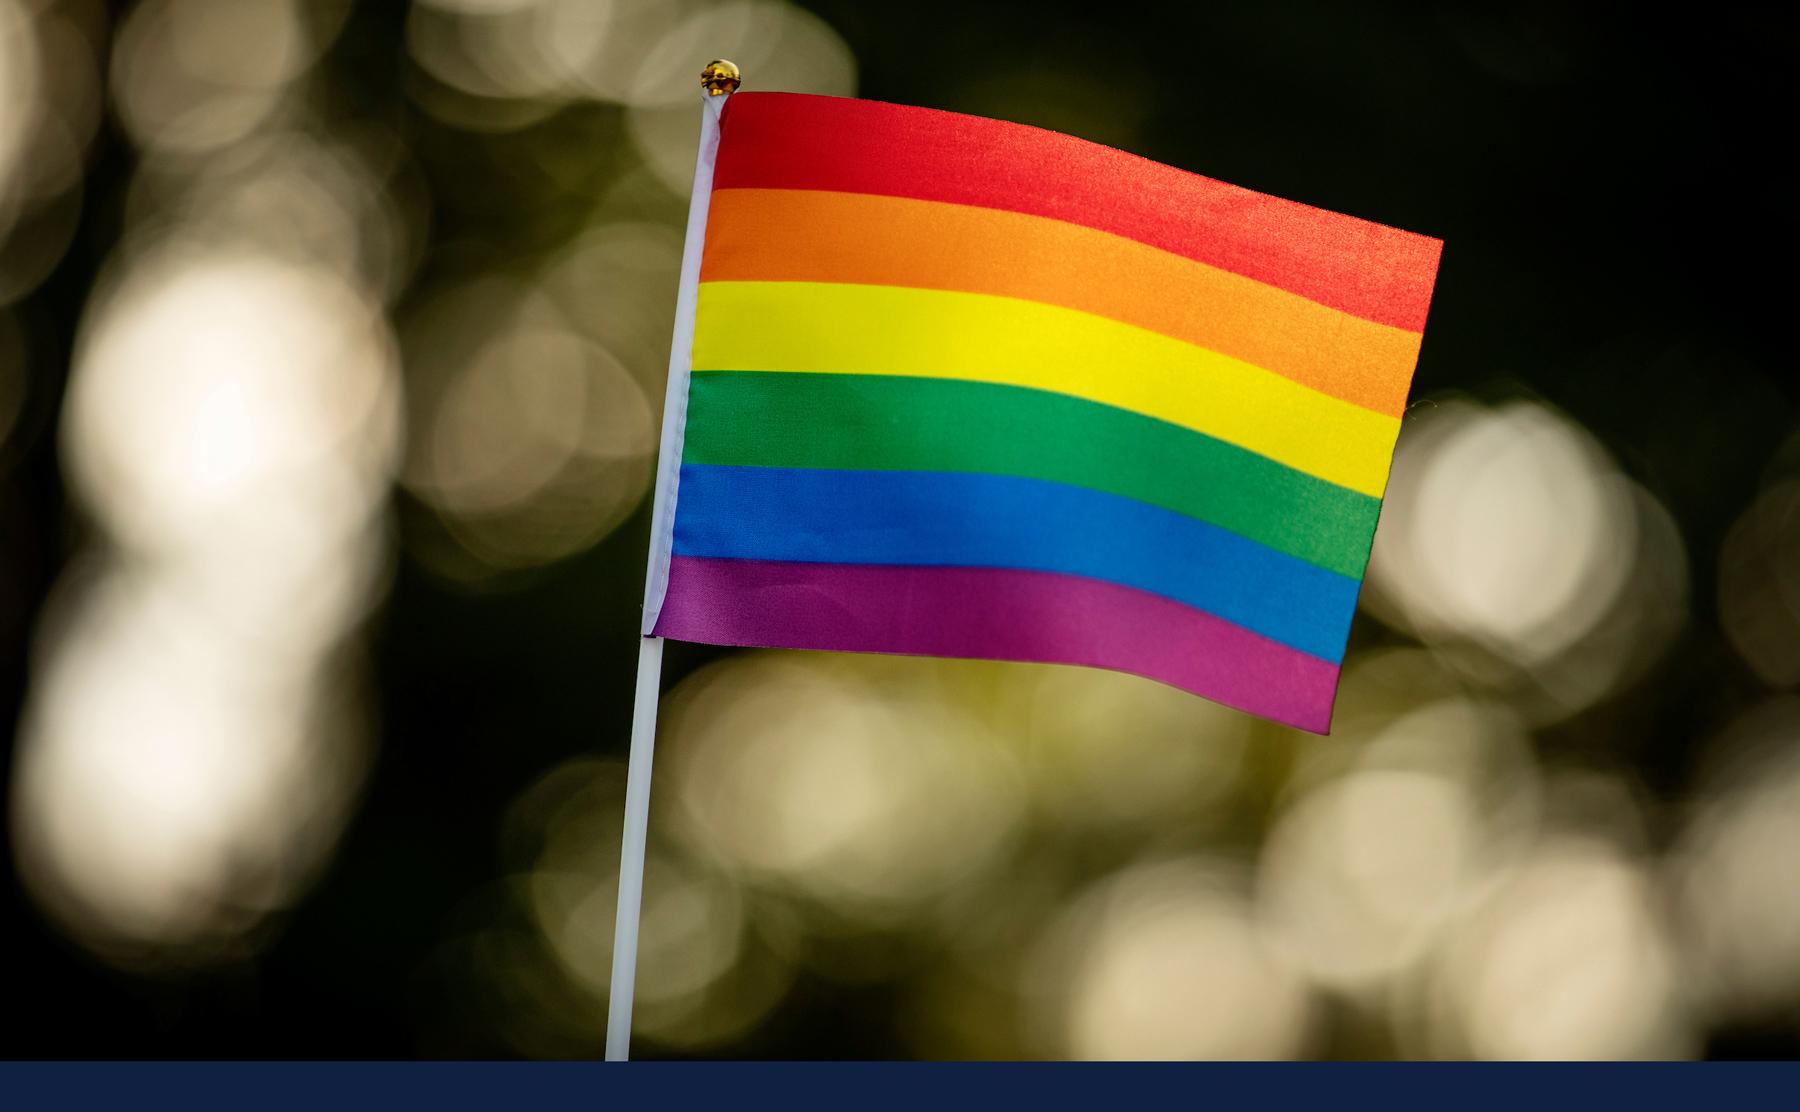 LGBTQ+ rainbow flag